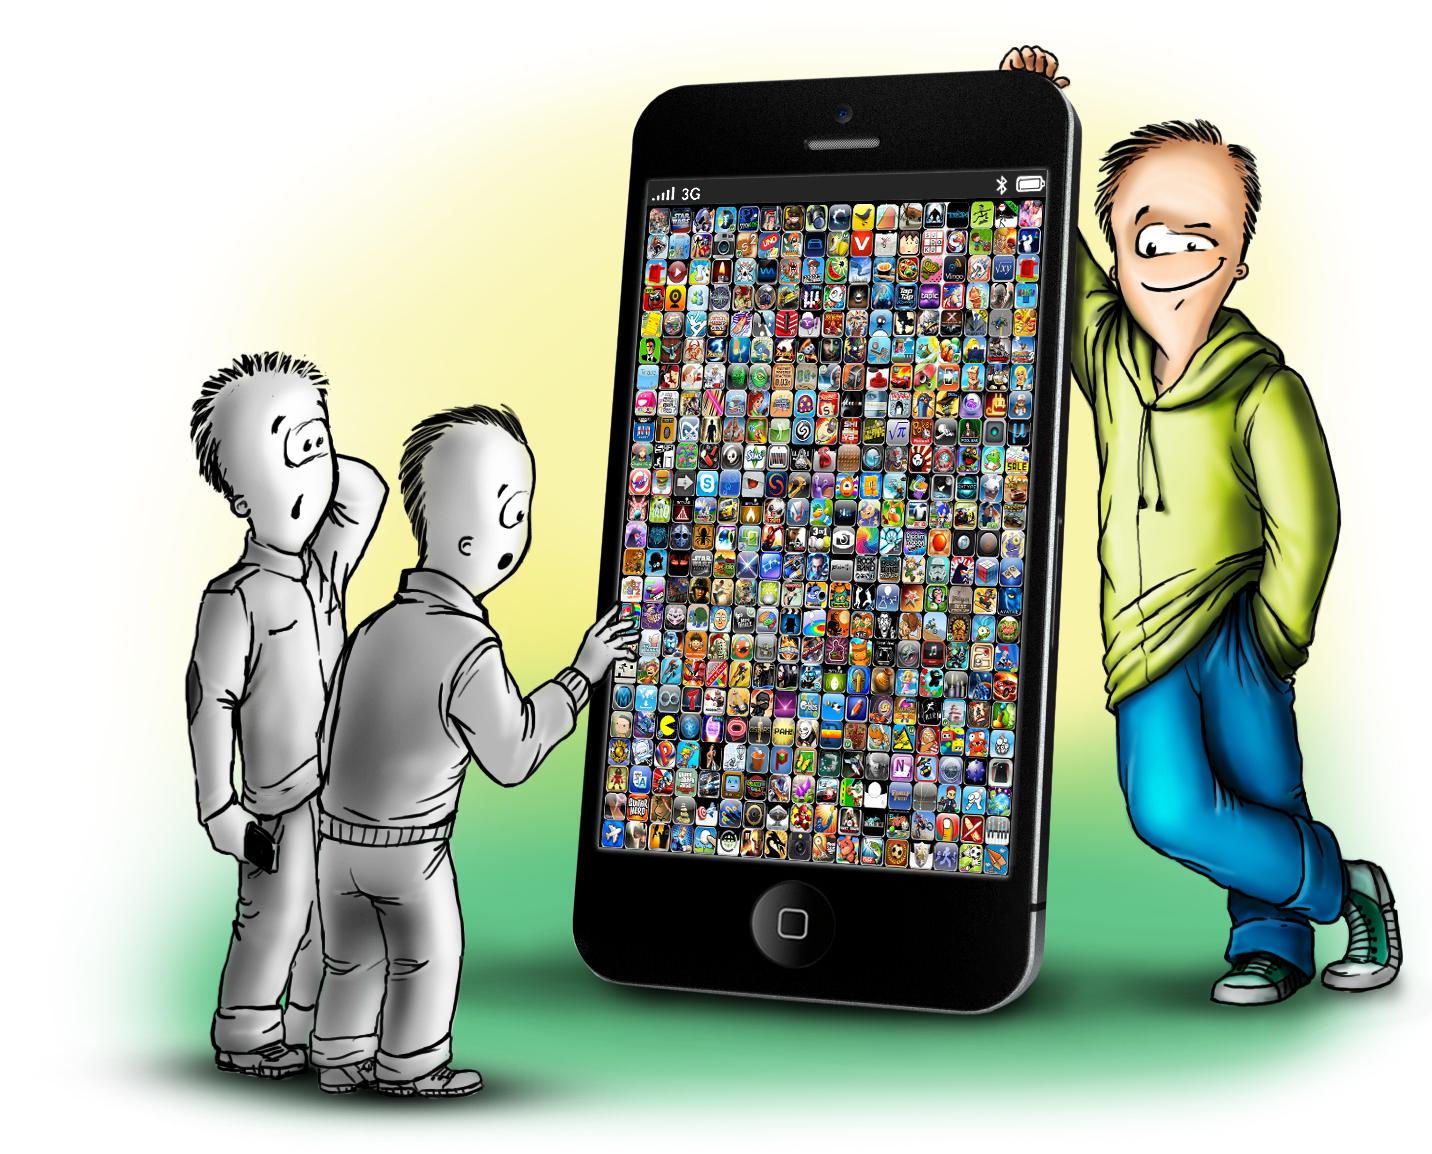 приложения с прикольными картинками ждали долго, цены